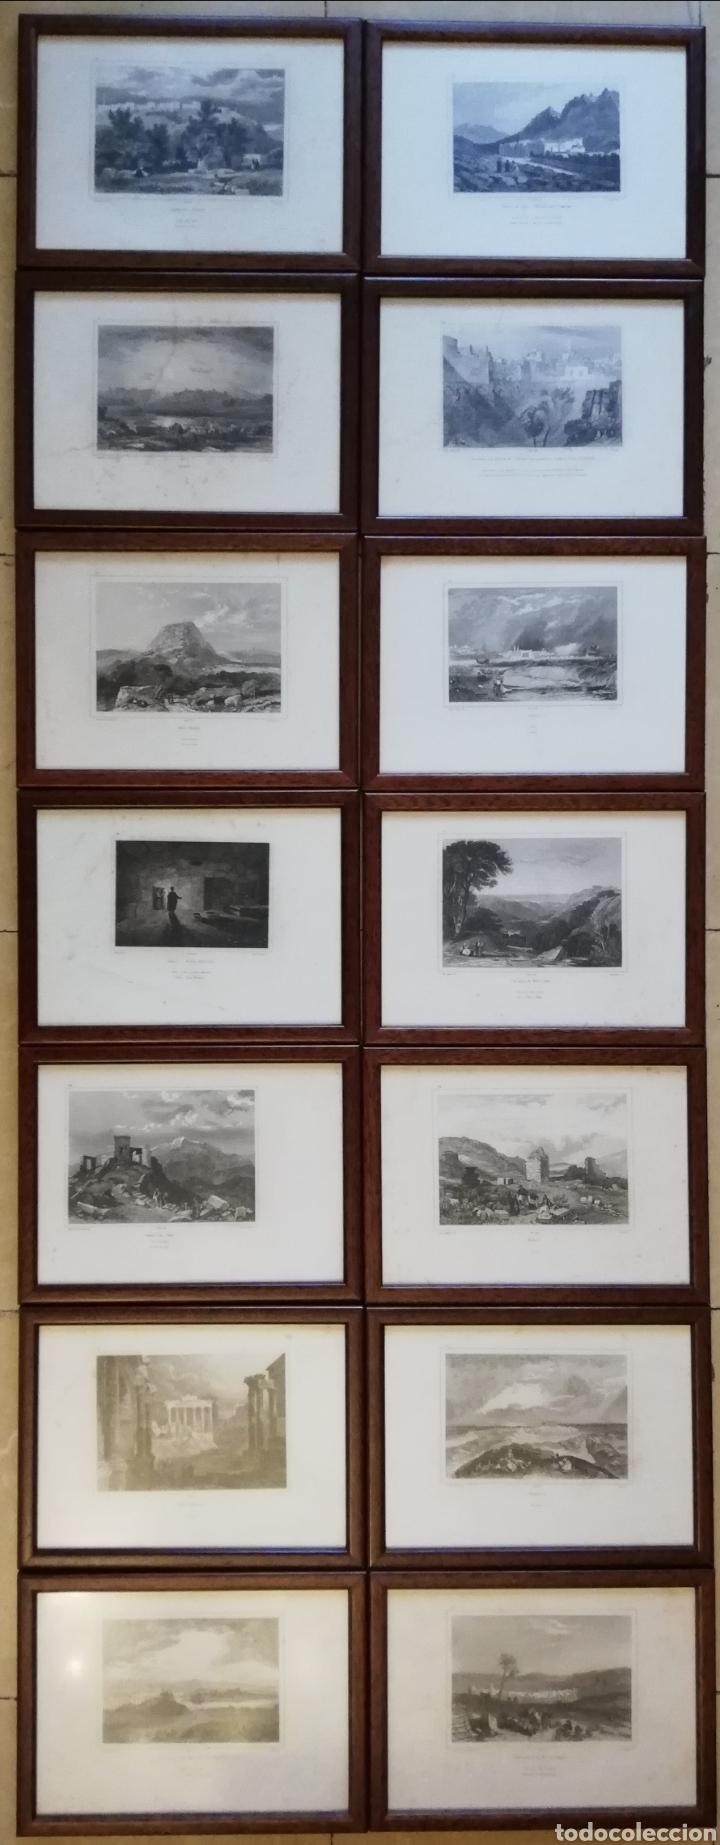 Arte: 14 cuadros con GRABADOS ENMARCADOS - 27 cm x 20 cm - marco nogal - cristal mate - MUY BUEN ESTADO - Foto 17 - 195785210